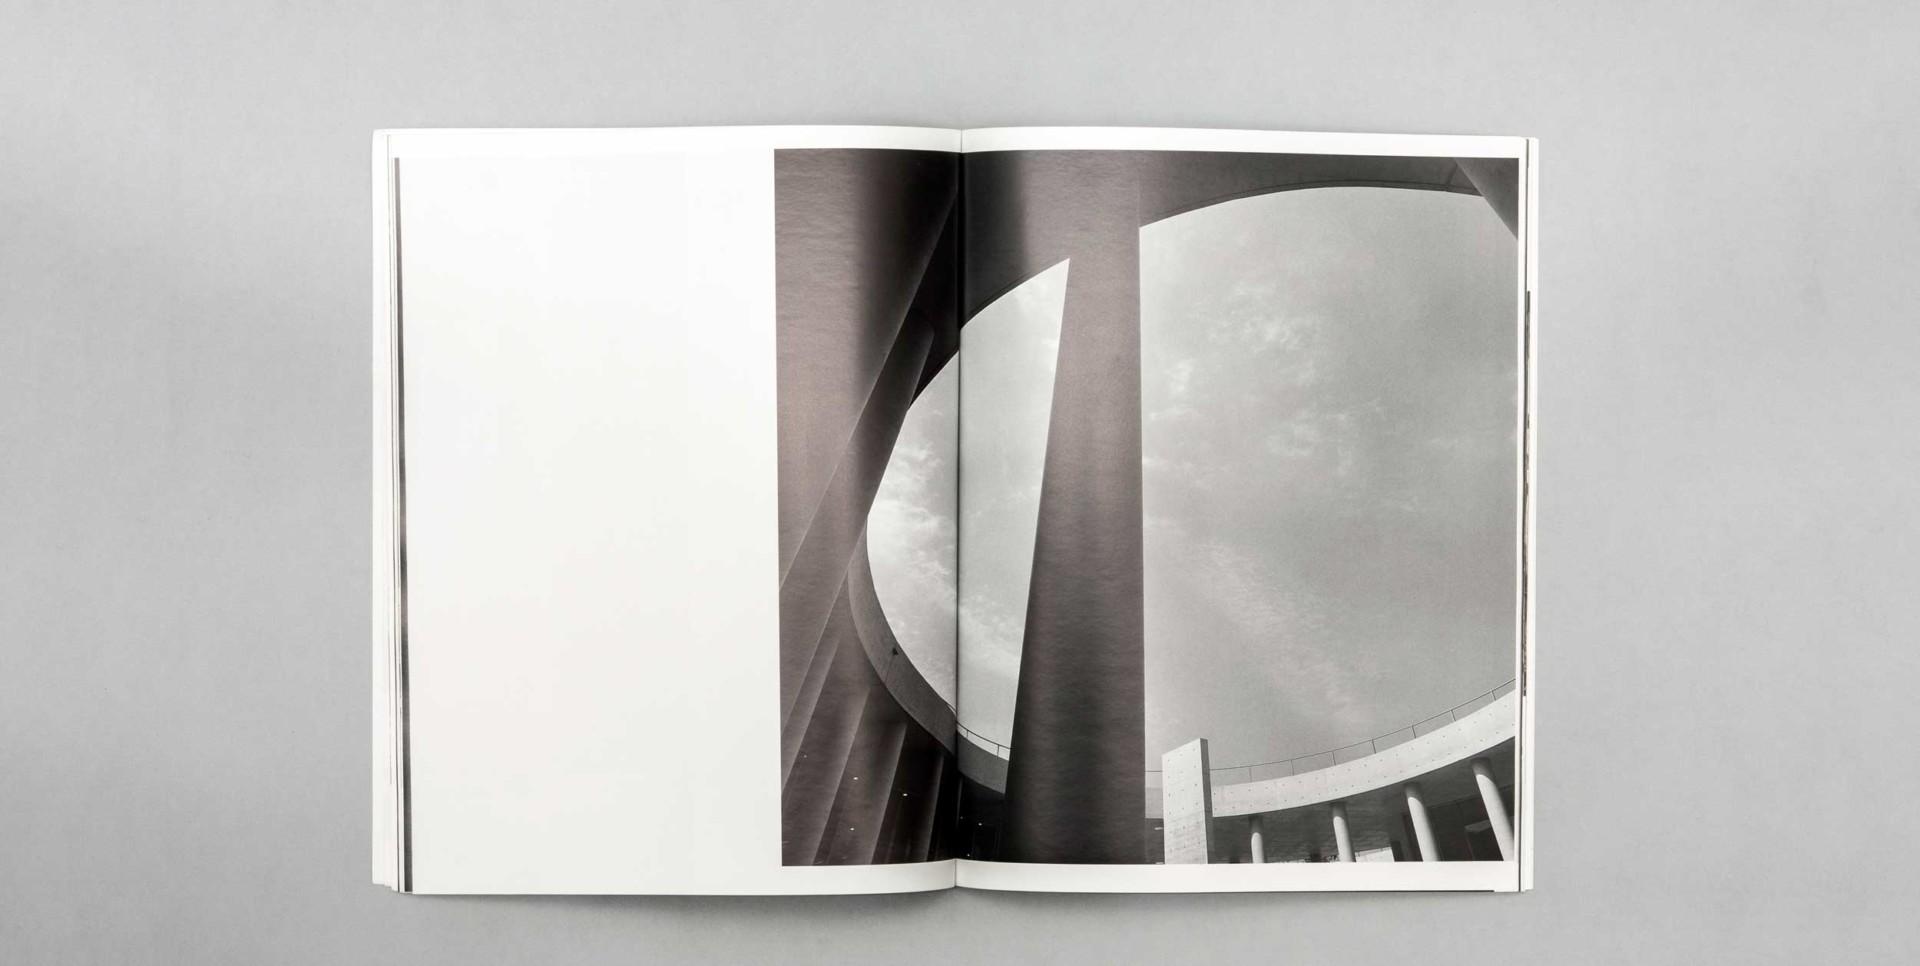 Isotype Fotostorica